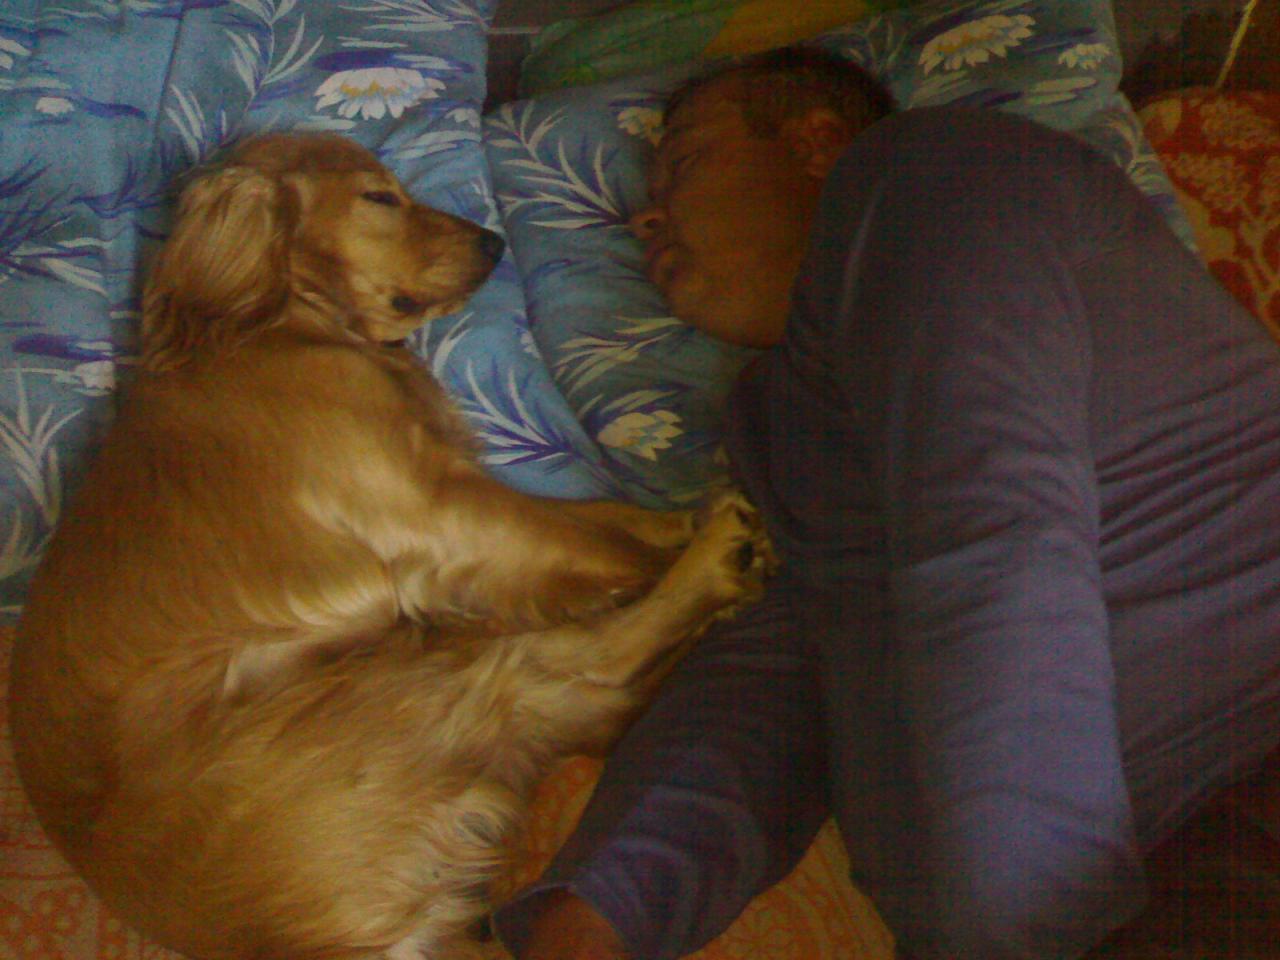 Спящие жоны фото 6 фотография